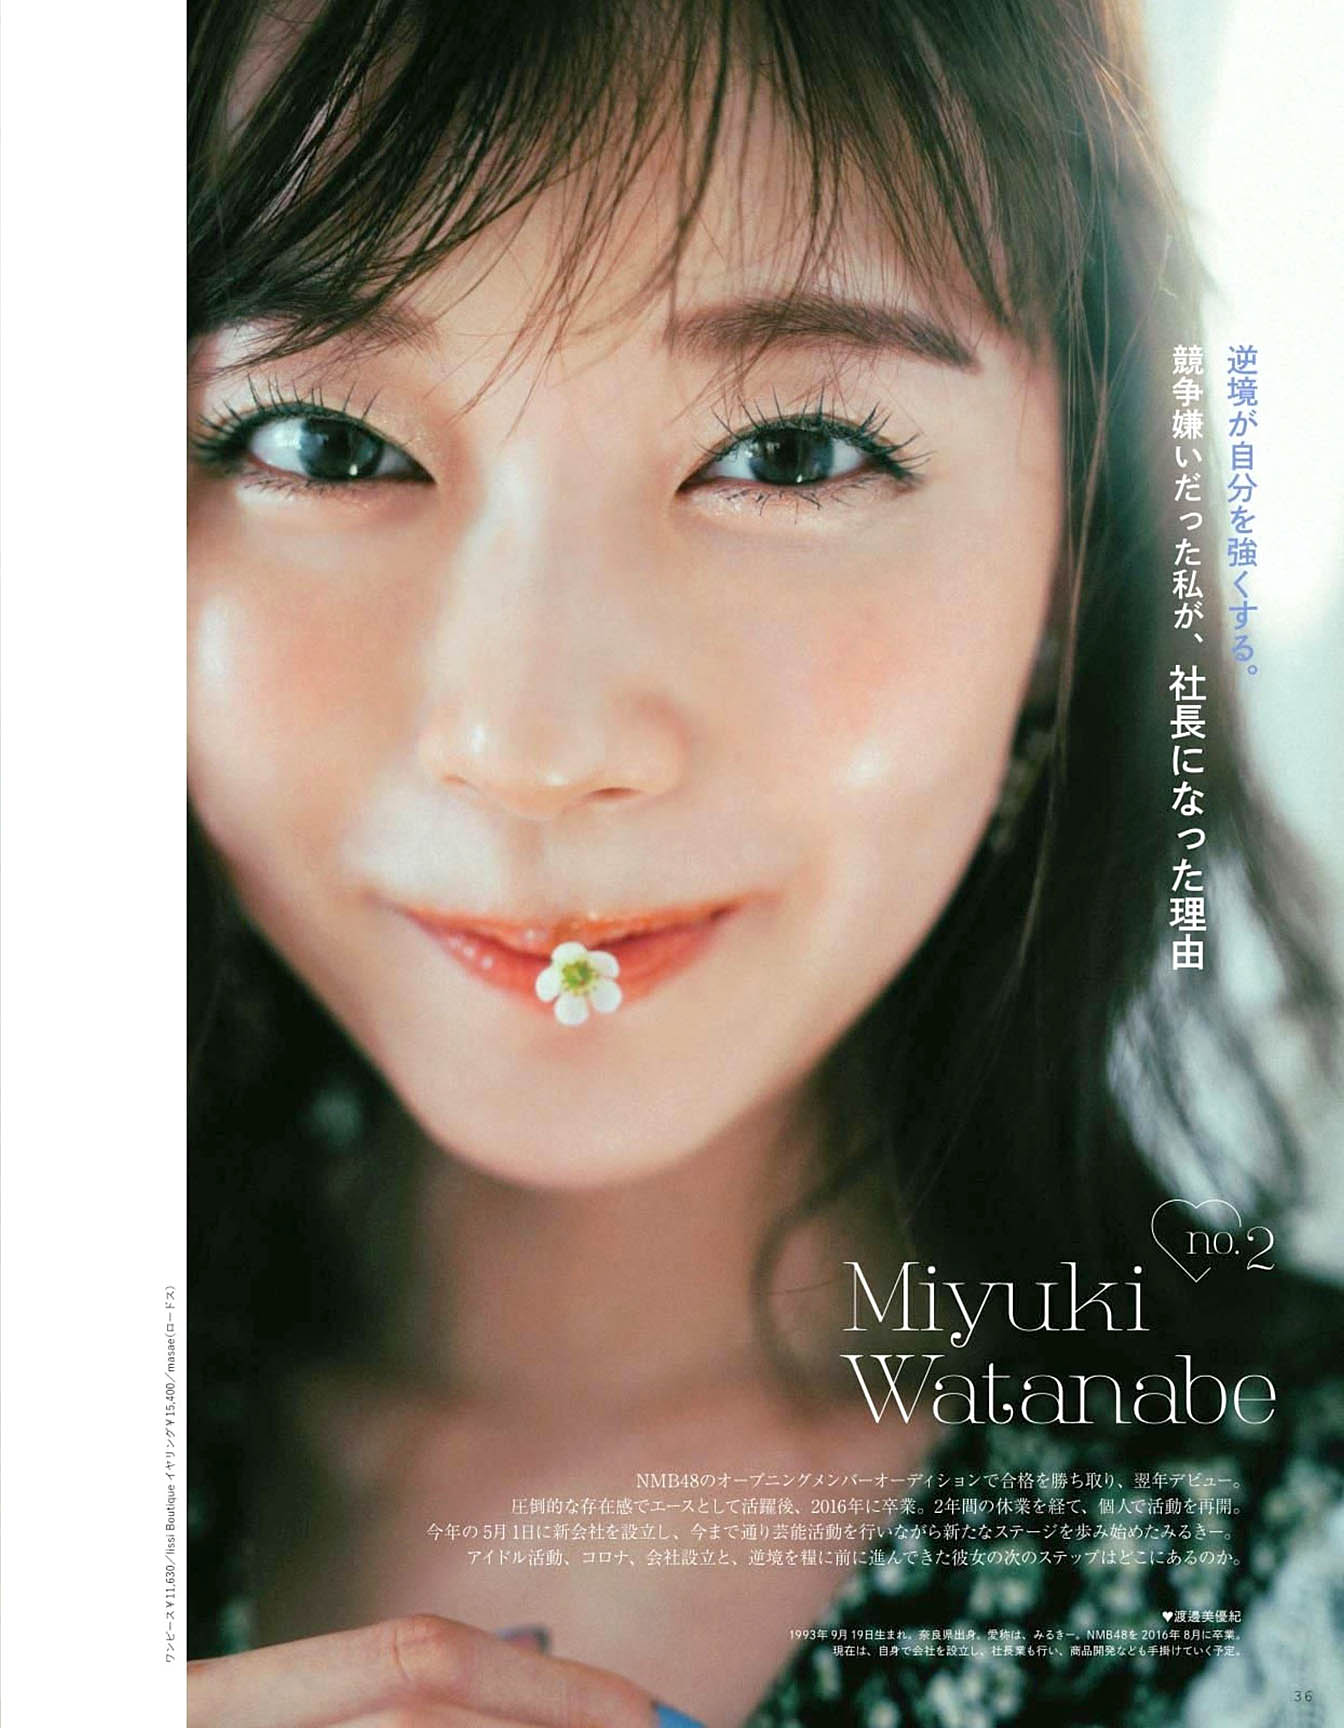 MiWatanabe Peche 2108 01.jpg